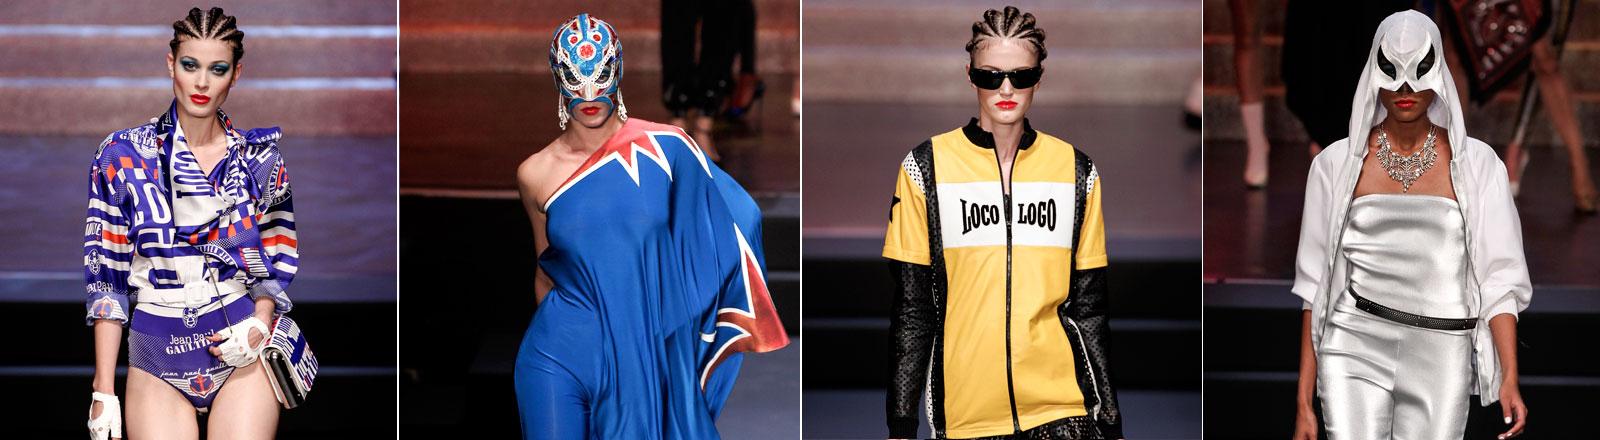 Die letzte Prêt-à-Porter-Schau von Gaultier auf der Pariser Fashion Week.